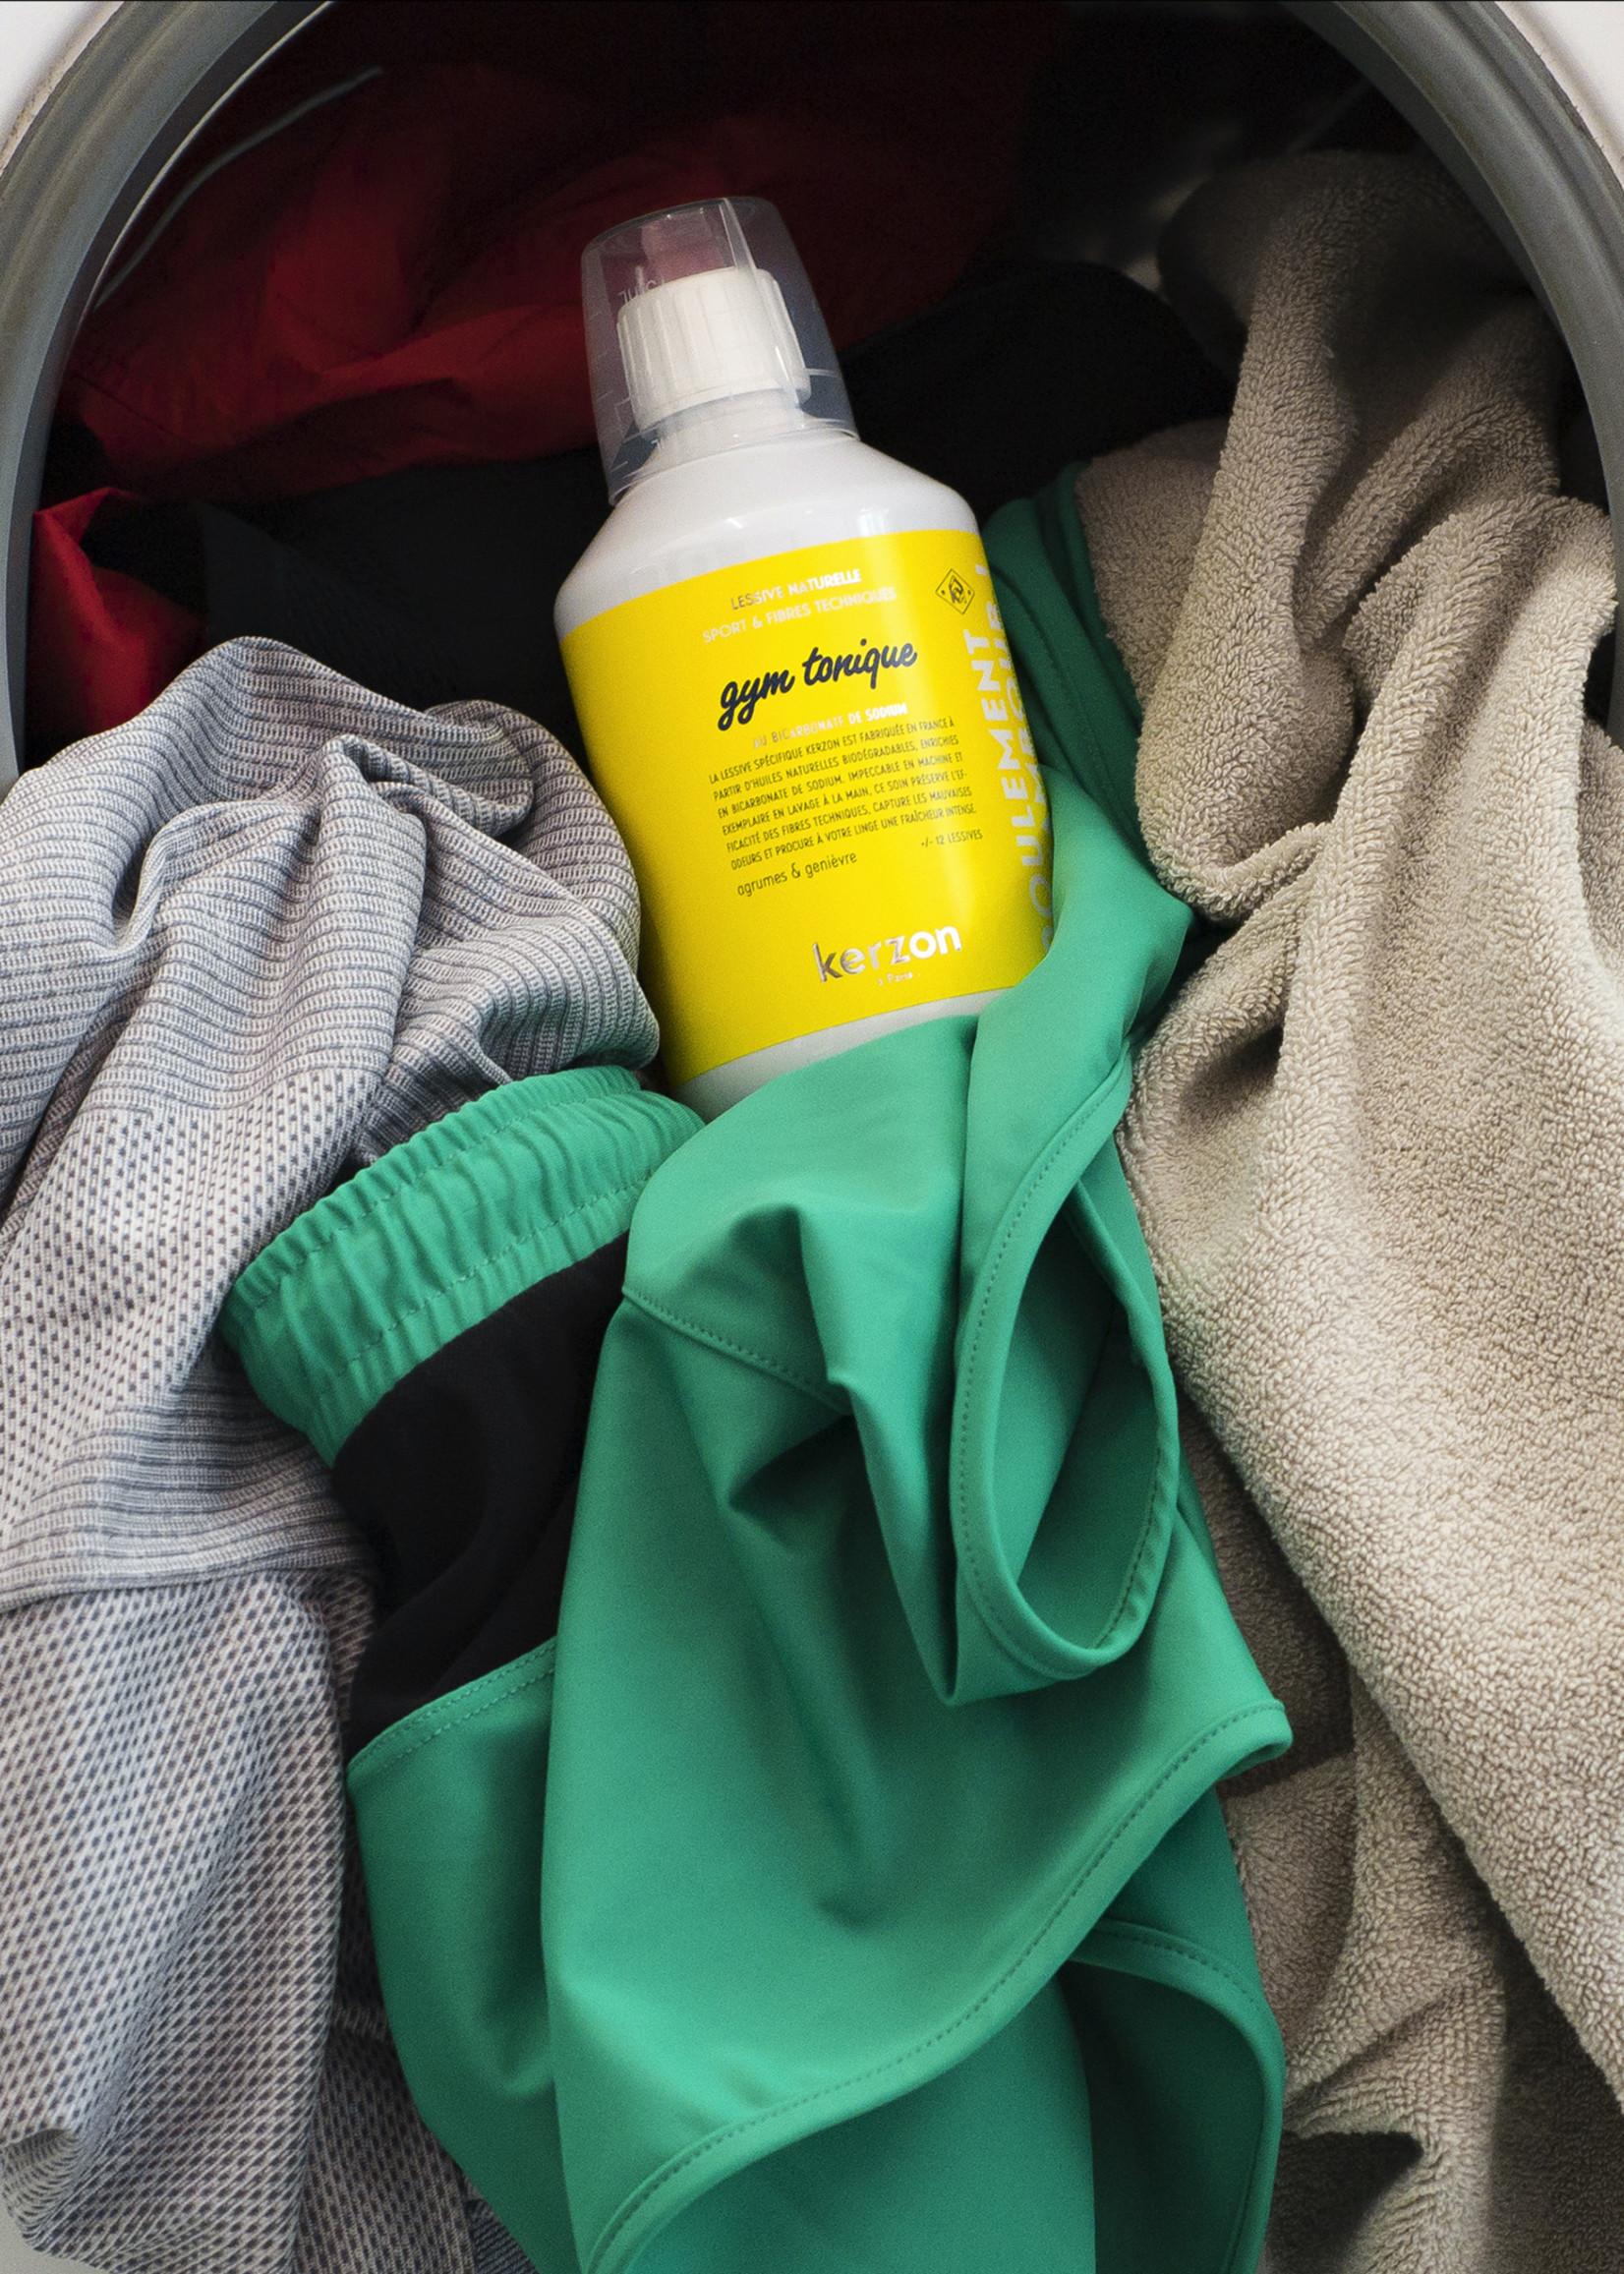 Kerzon Kerzon - Gym Tonic - Wasmiddel voor sportkledij 500 ml